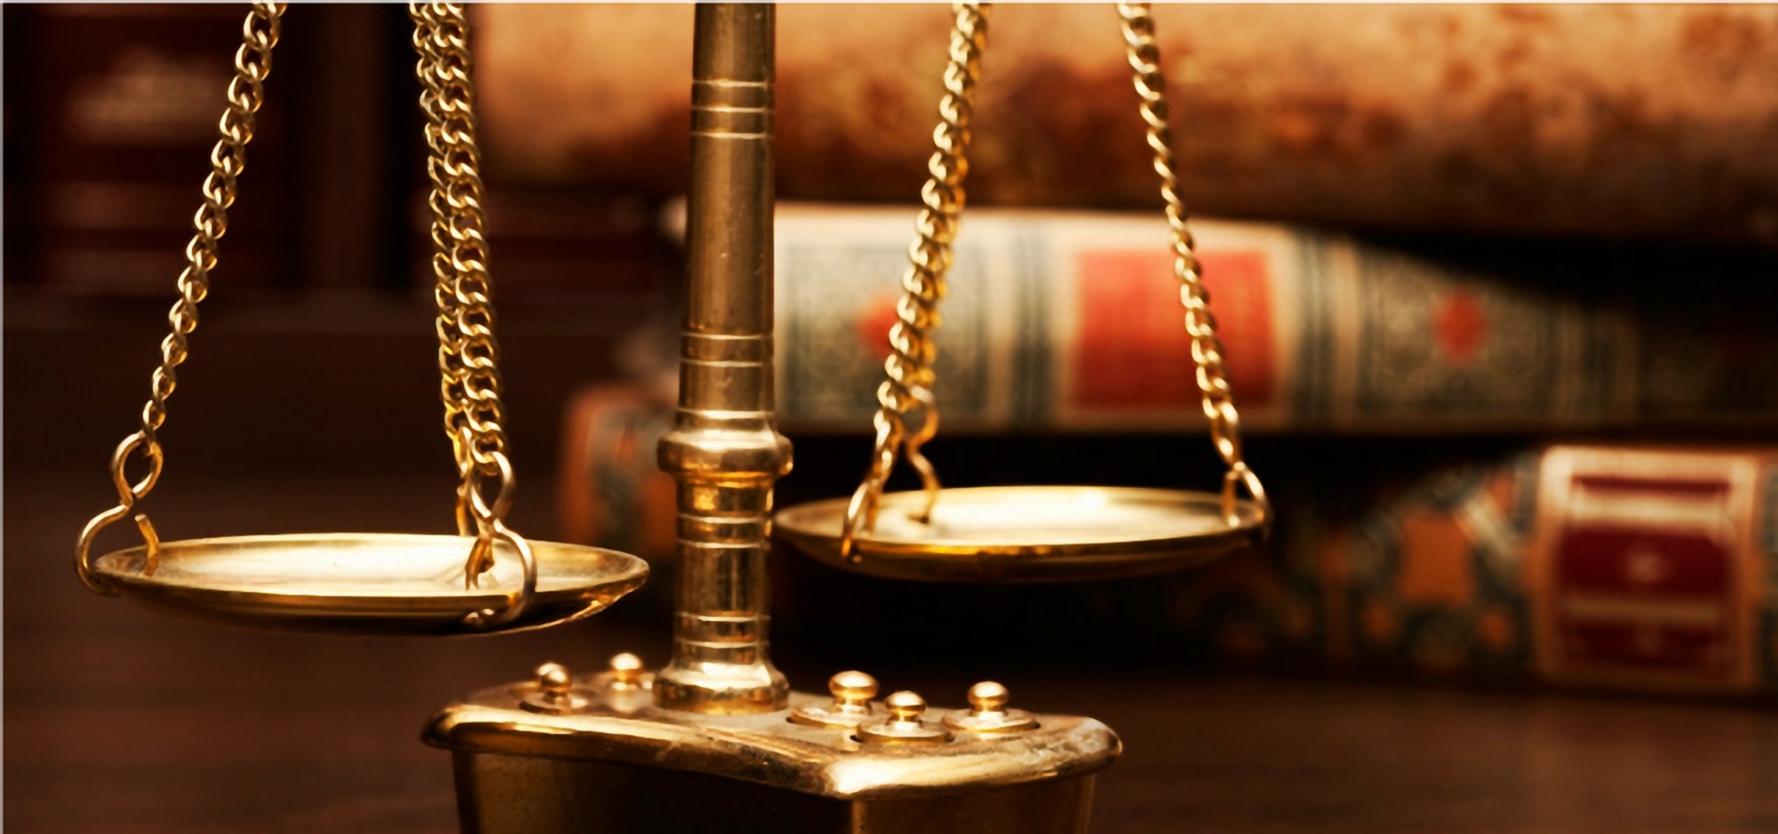 نظام قضایی دوره اسلامی